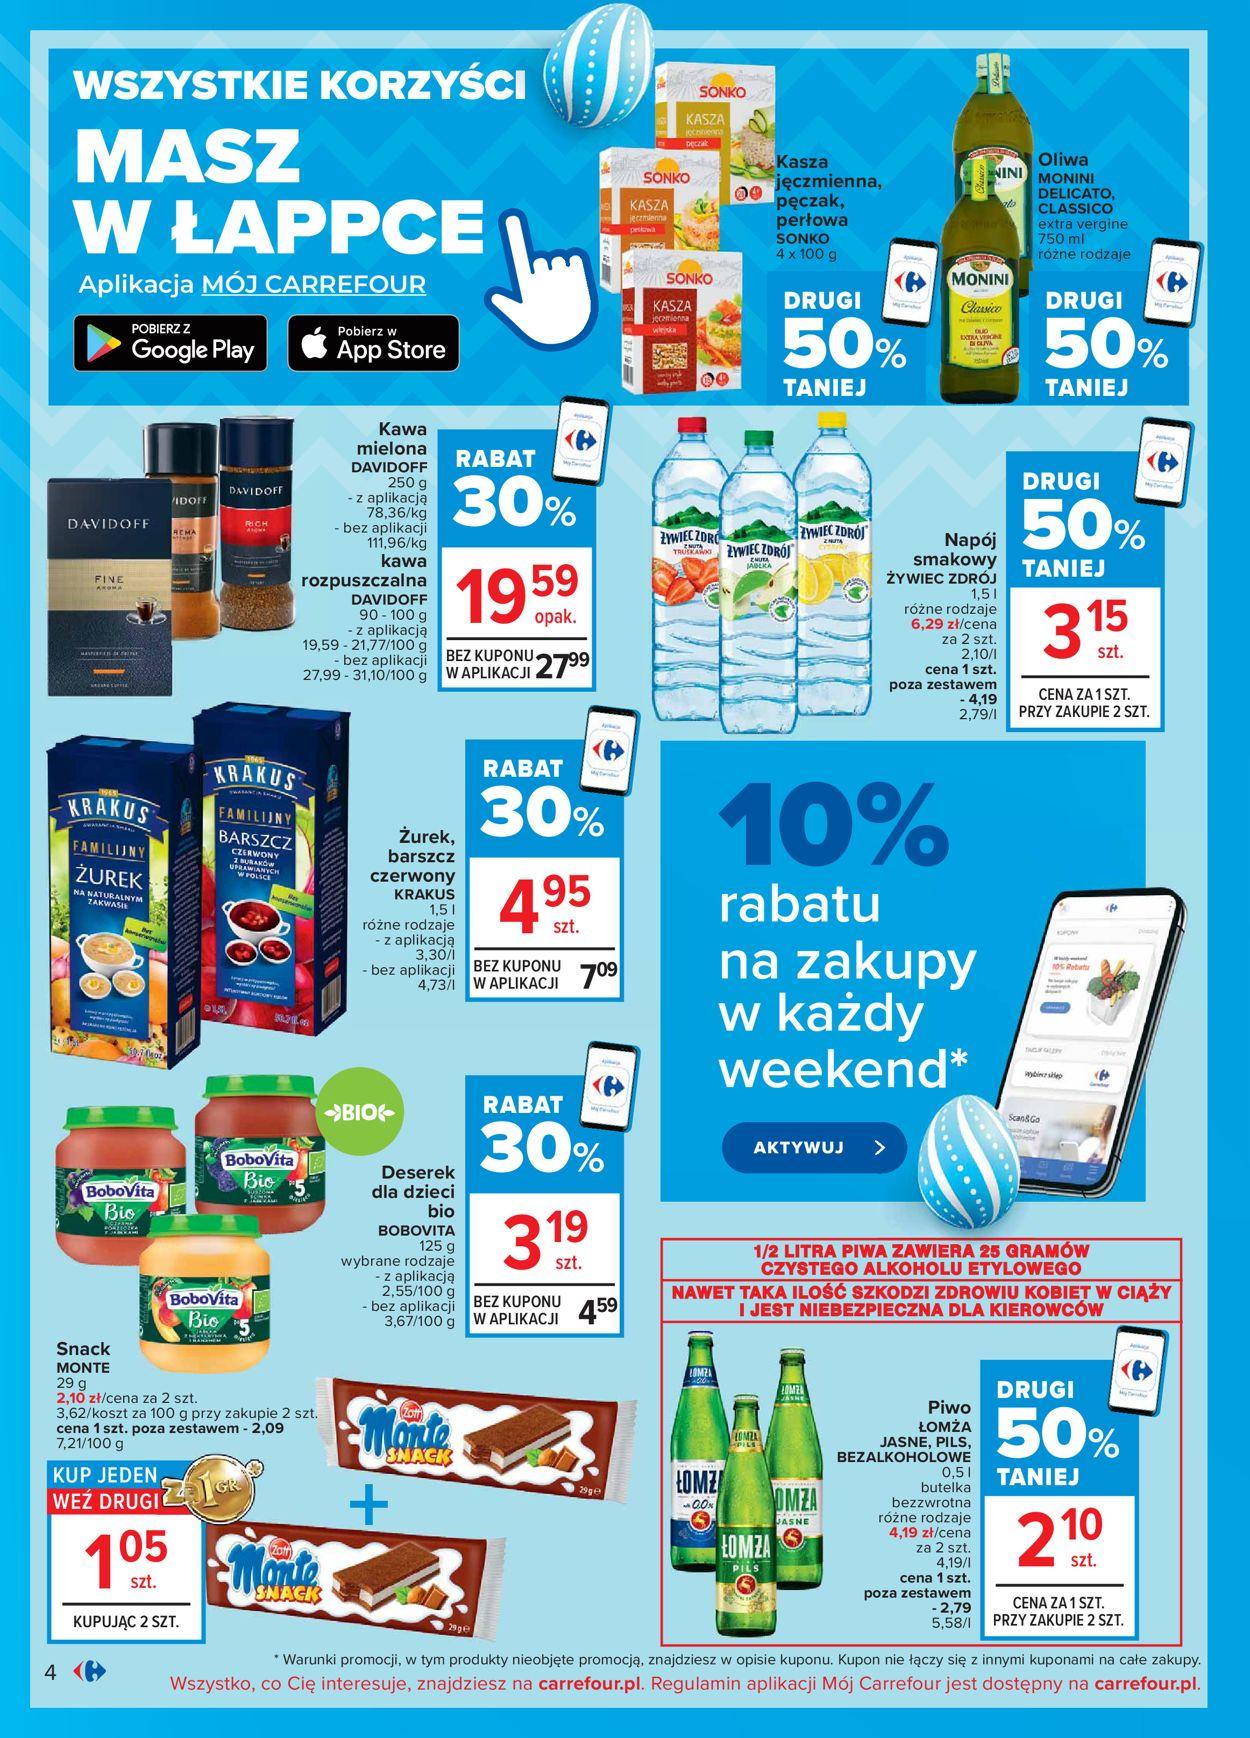 Gazetka promocyjna Carrefour Wielkanoc 2021! - 29.03-03.04.2021 (Strona 4)